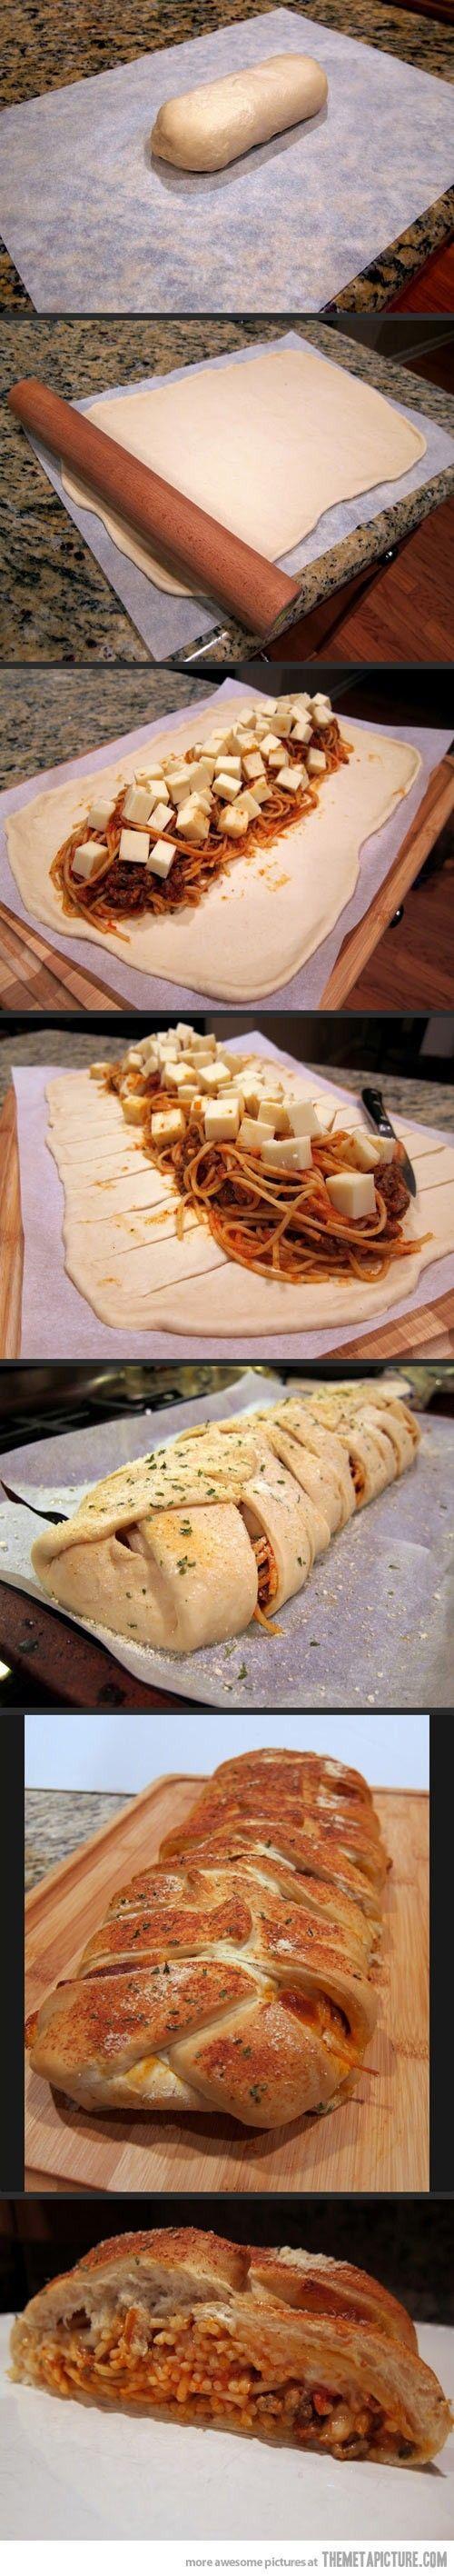 een gevlochten spaghetti brood